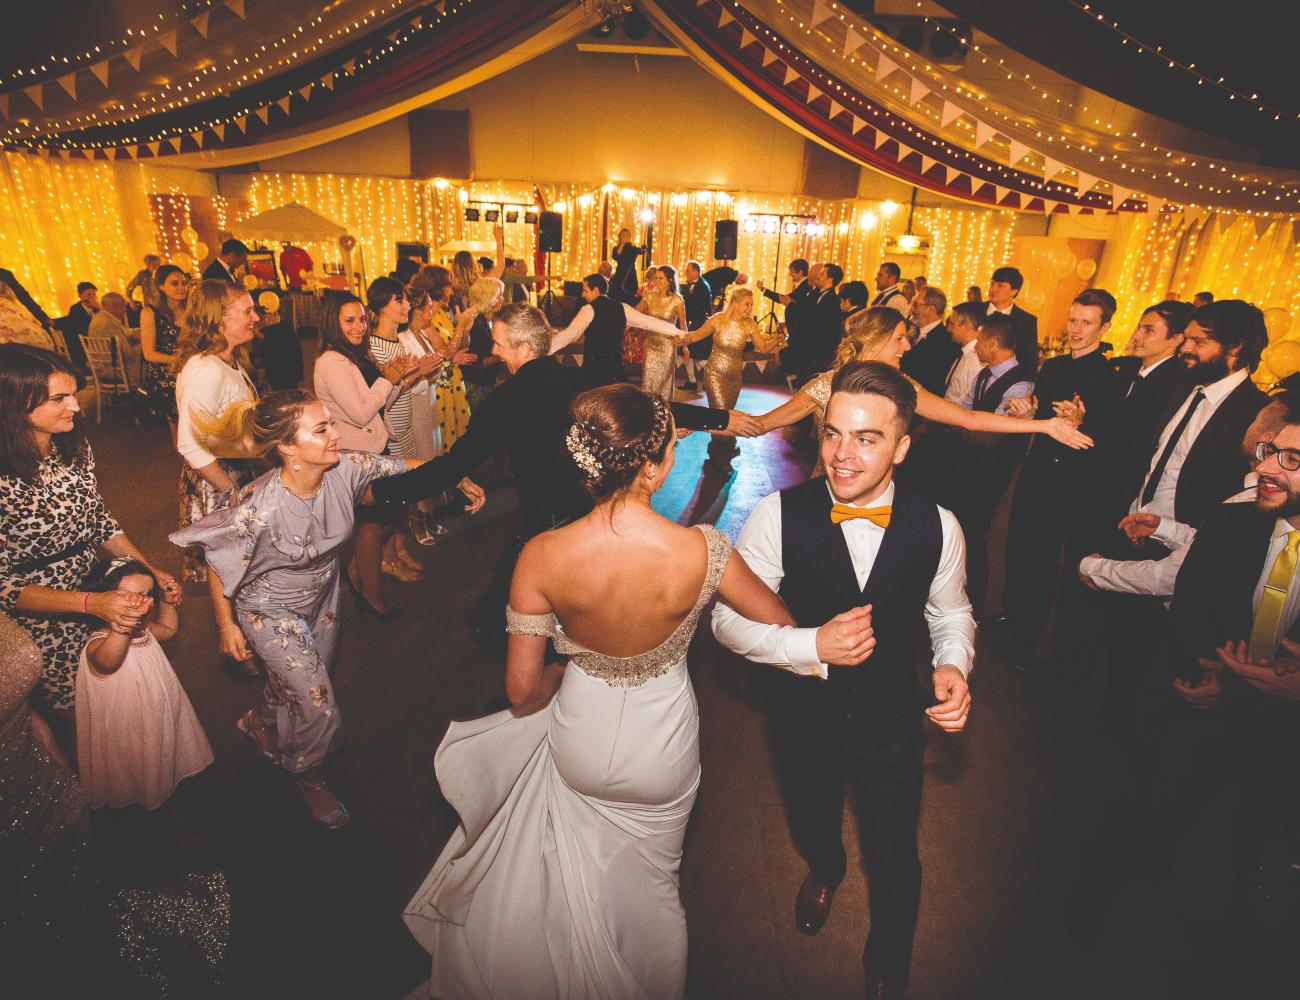 Ceilidh dancing by Alastair- Burn-Murdoch Photography